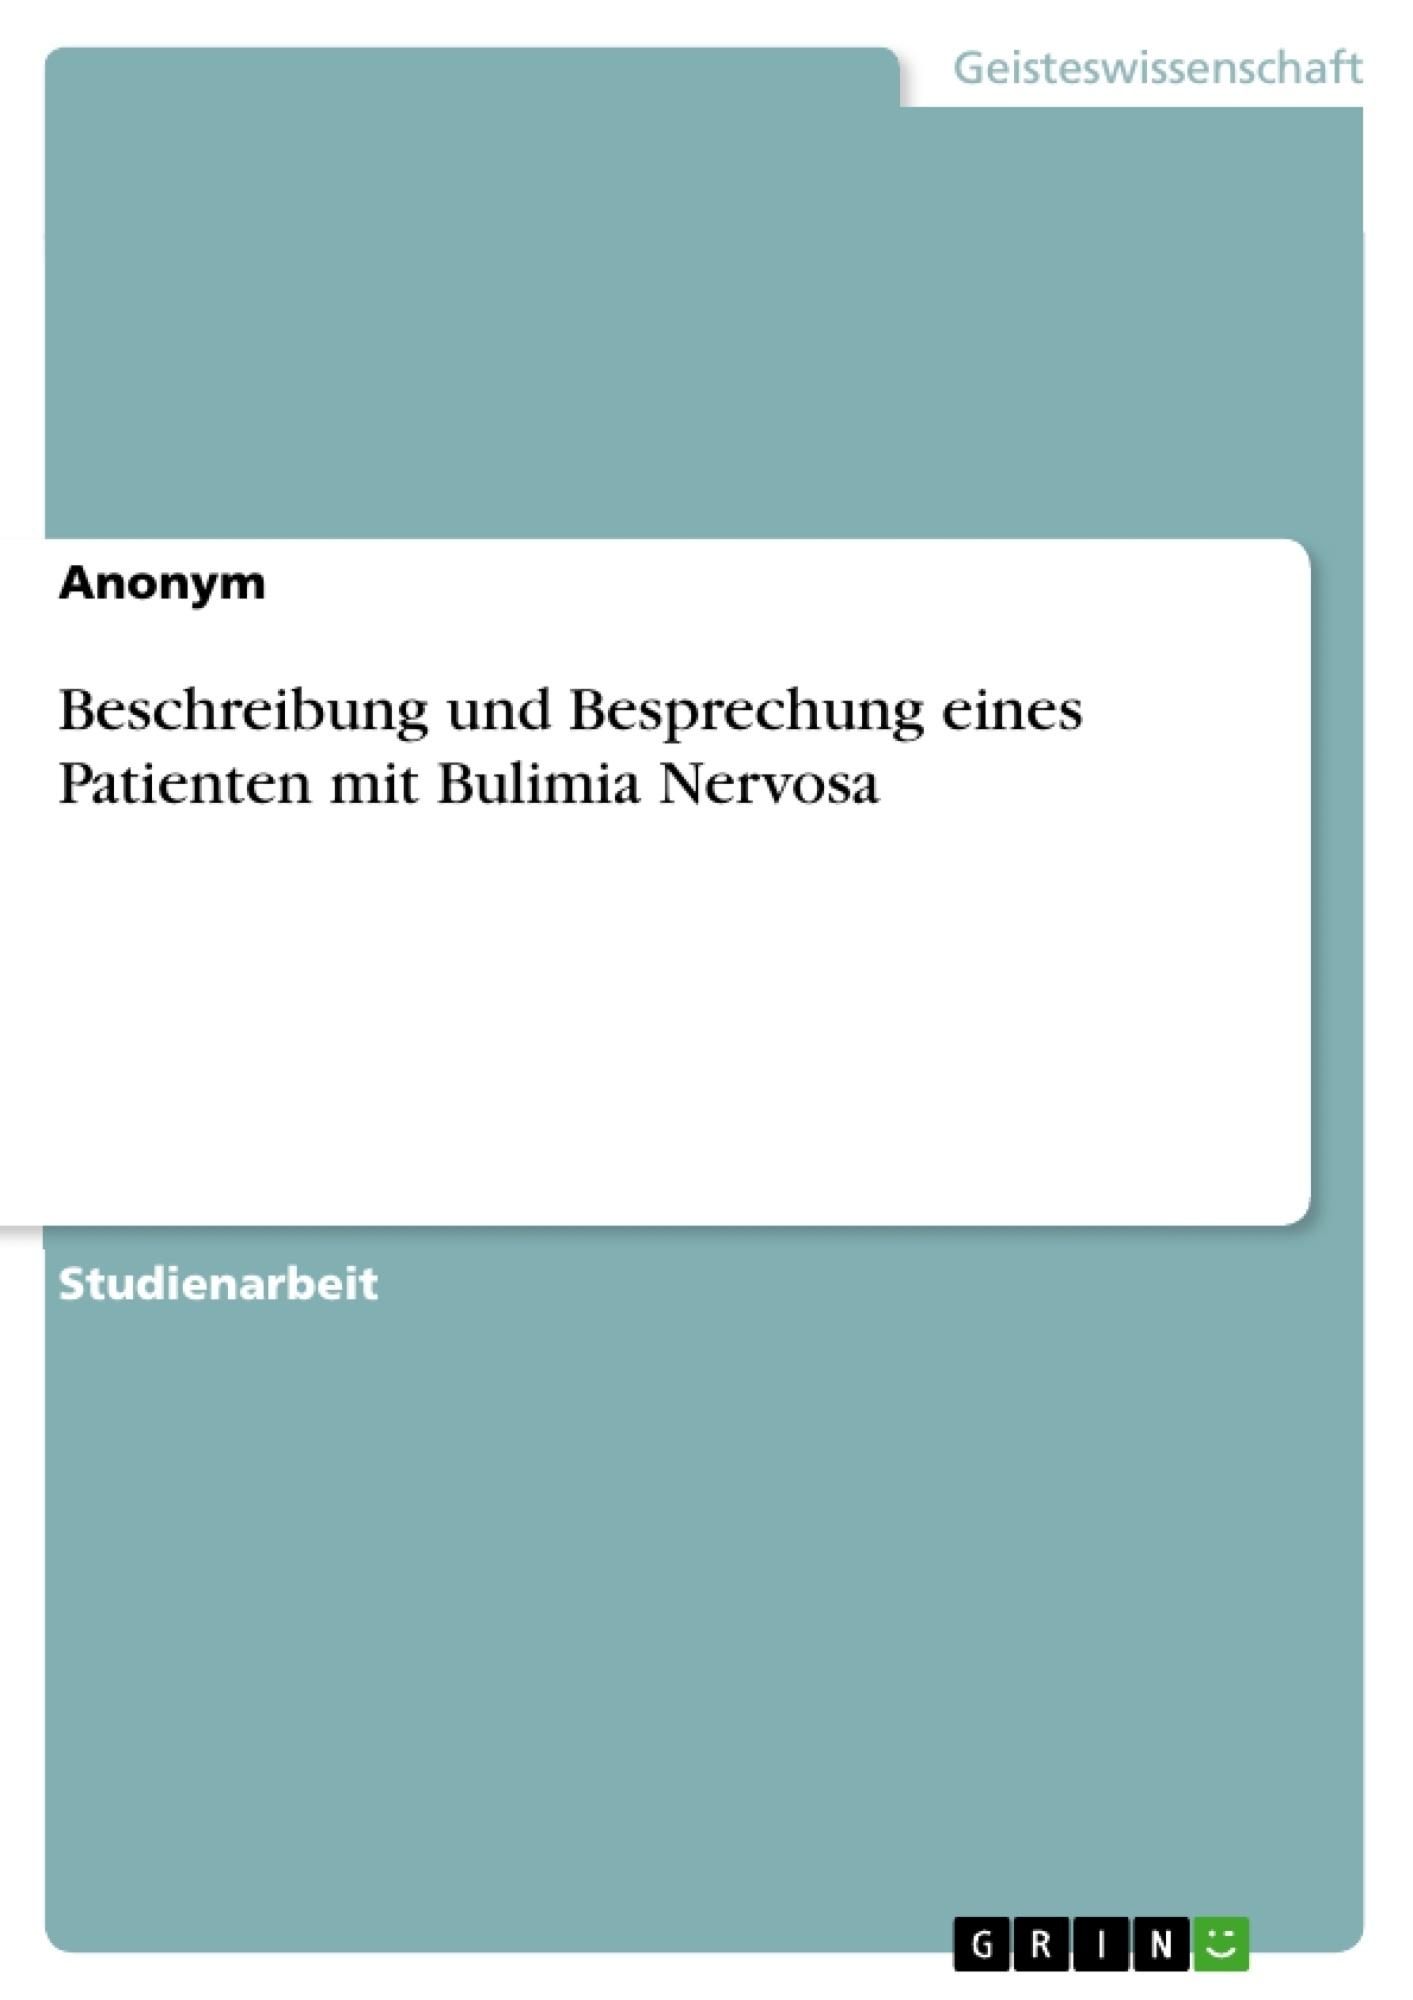 Titel: Beschreibung und Besprechung eines Patienten mit Bulimia Nervosa